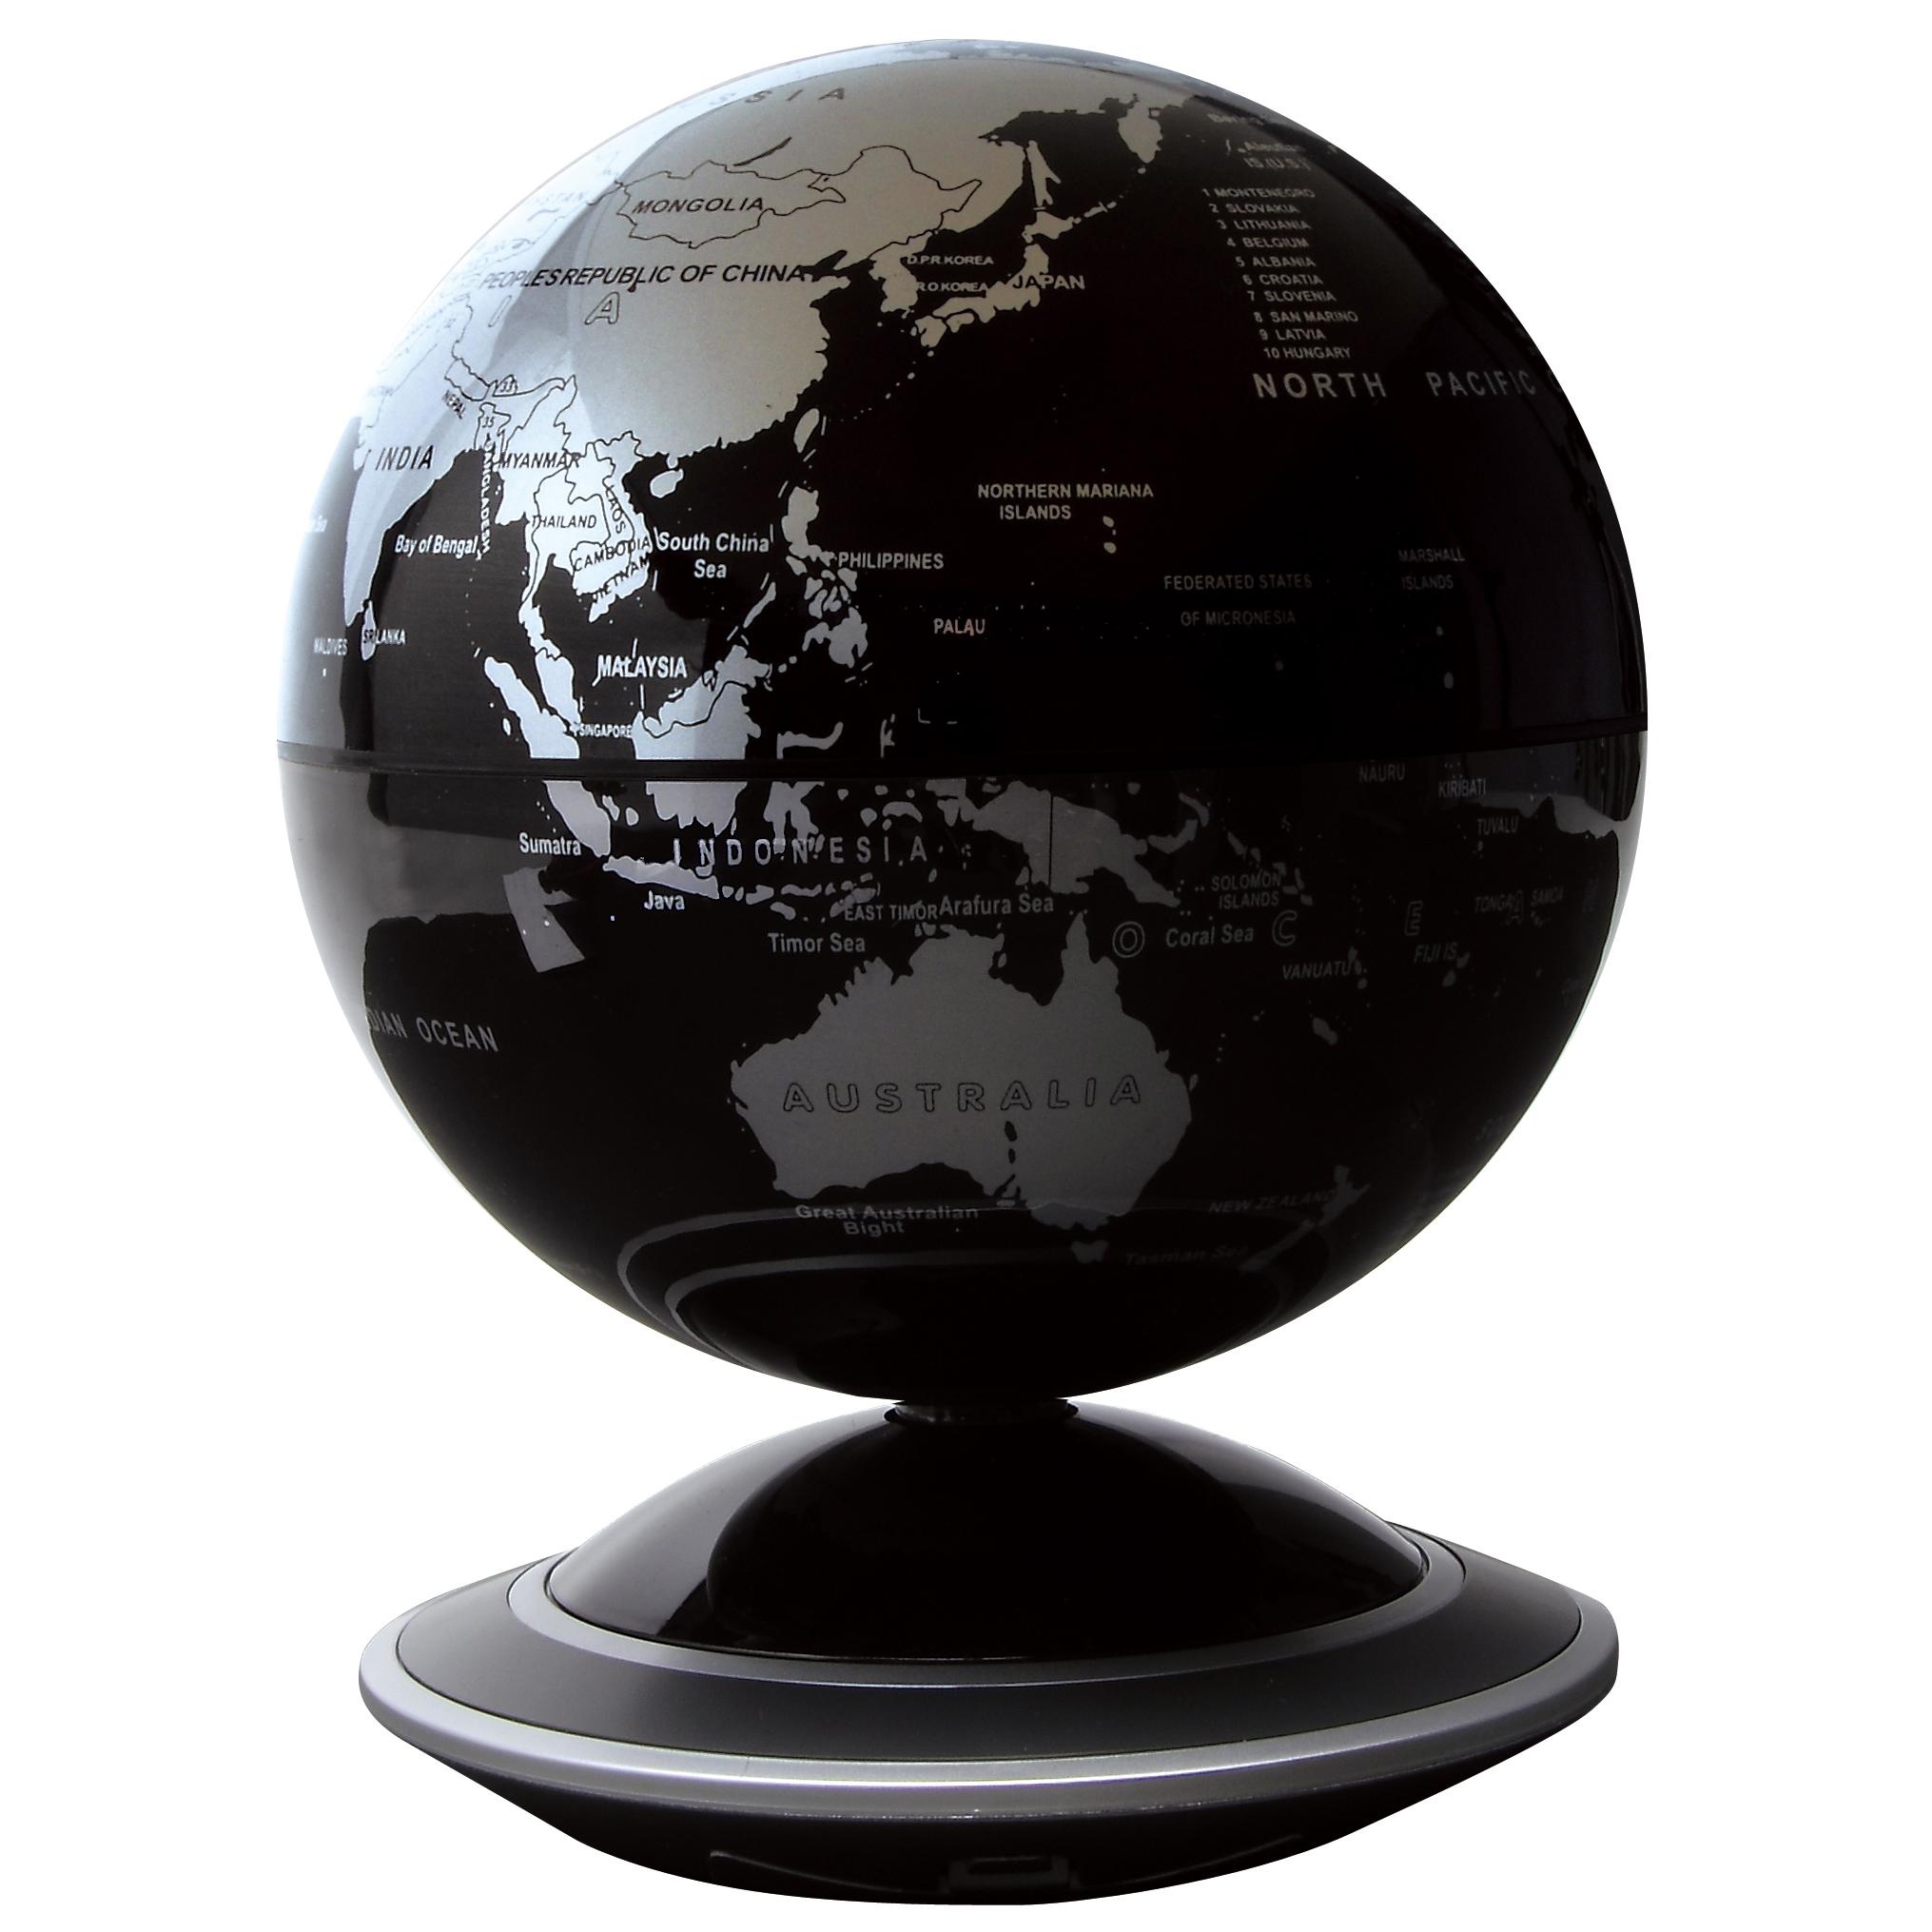 Kenko 地球儀 KG-140AE  [画像をクリックすると拡大します] スタイリッシュなデザ